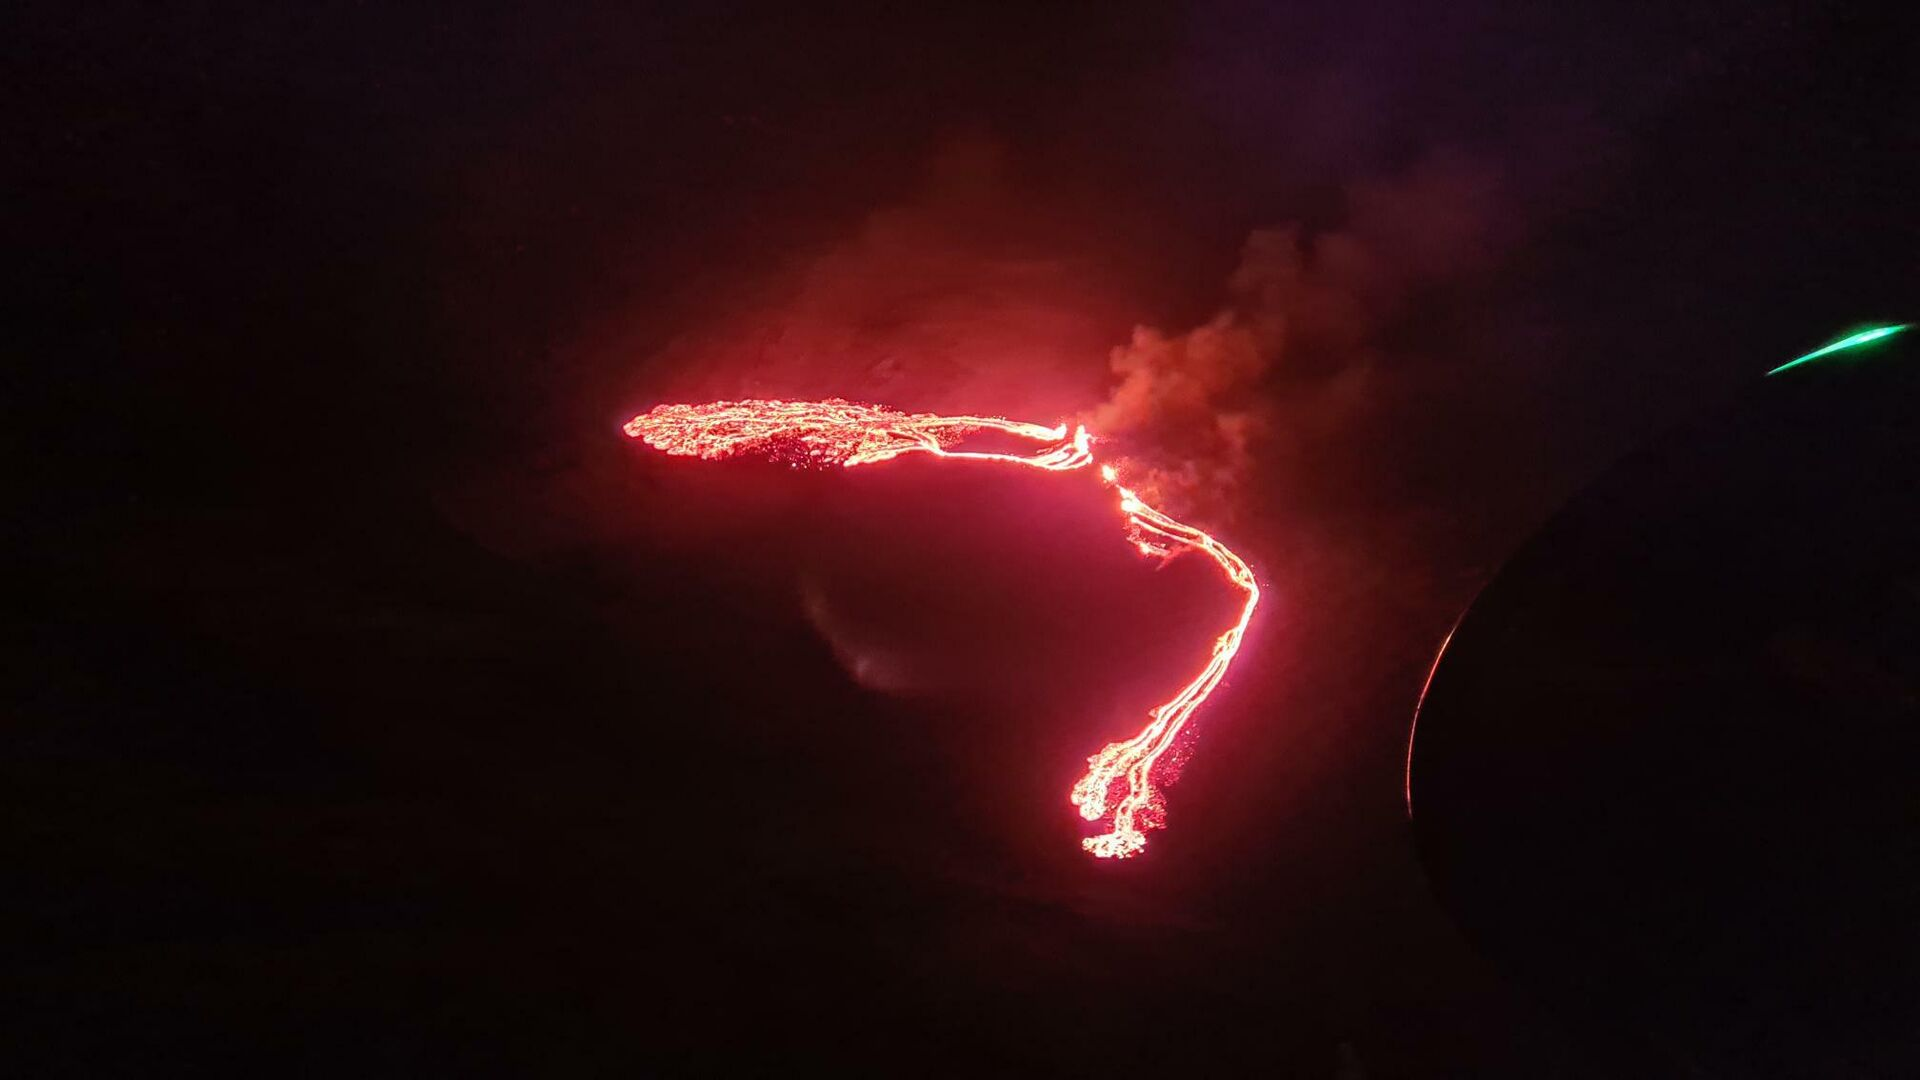 Erupción del volcán Fagradalsfjall, en Islandia - Sputnik Mundo, 1920, 19.03.2021